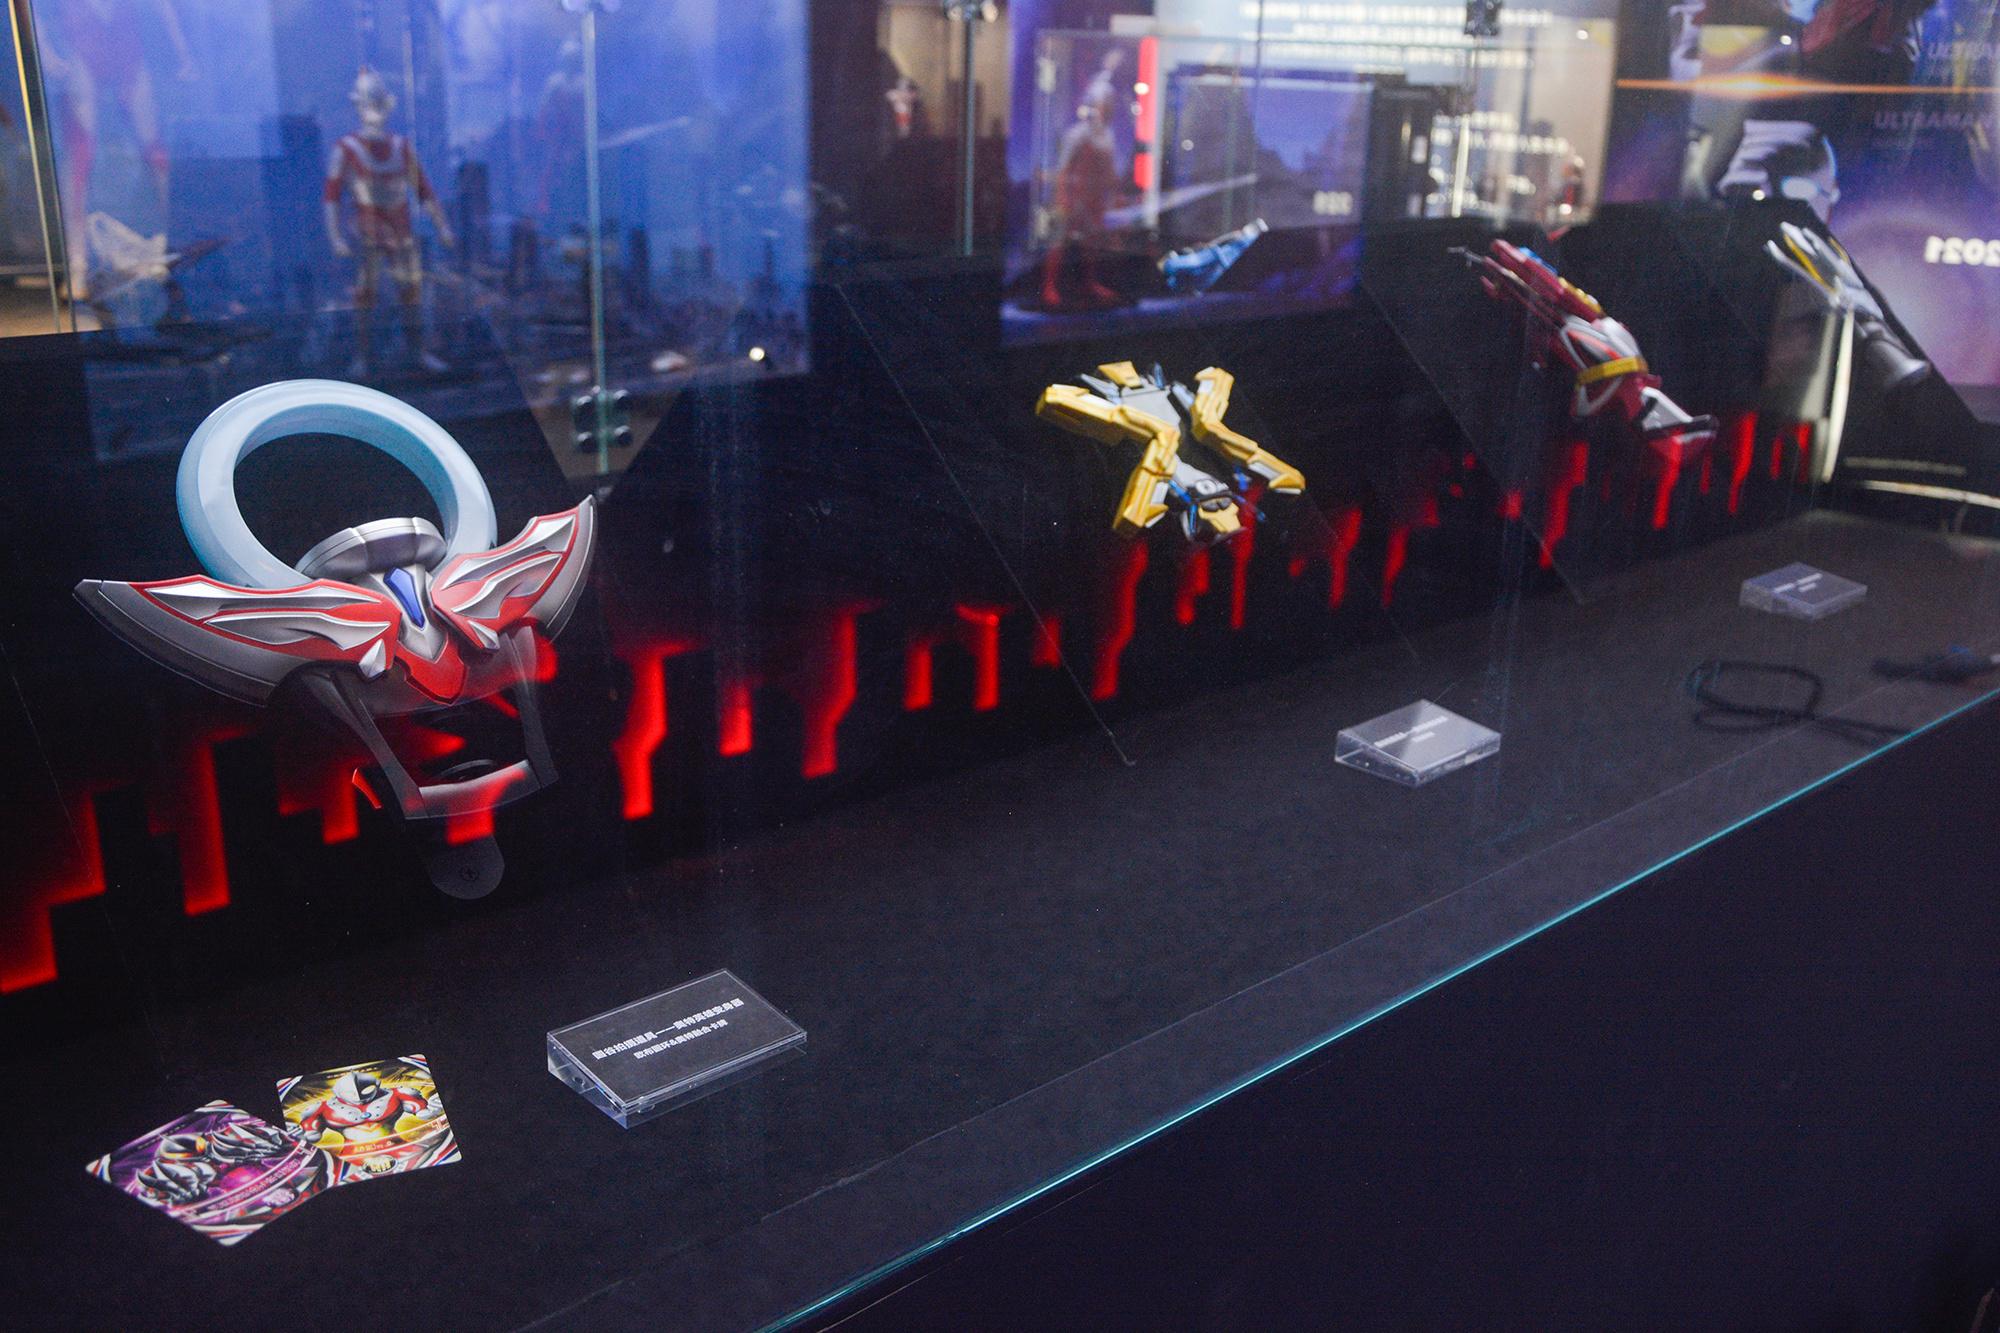 合肥奥特曼系列55周年纪念展 8